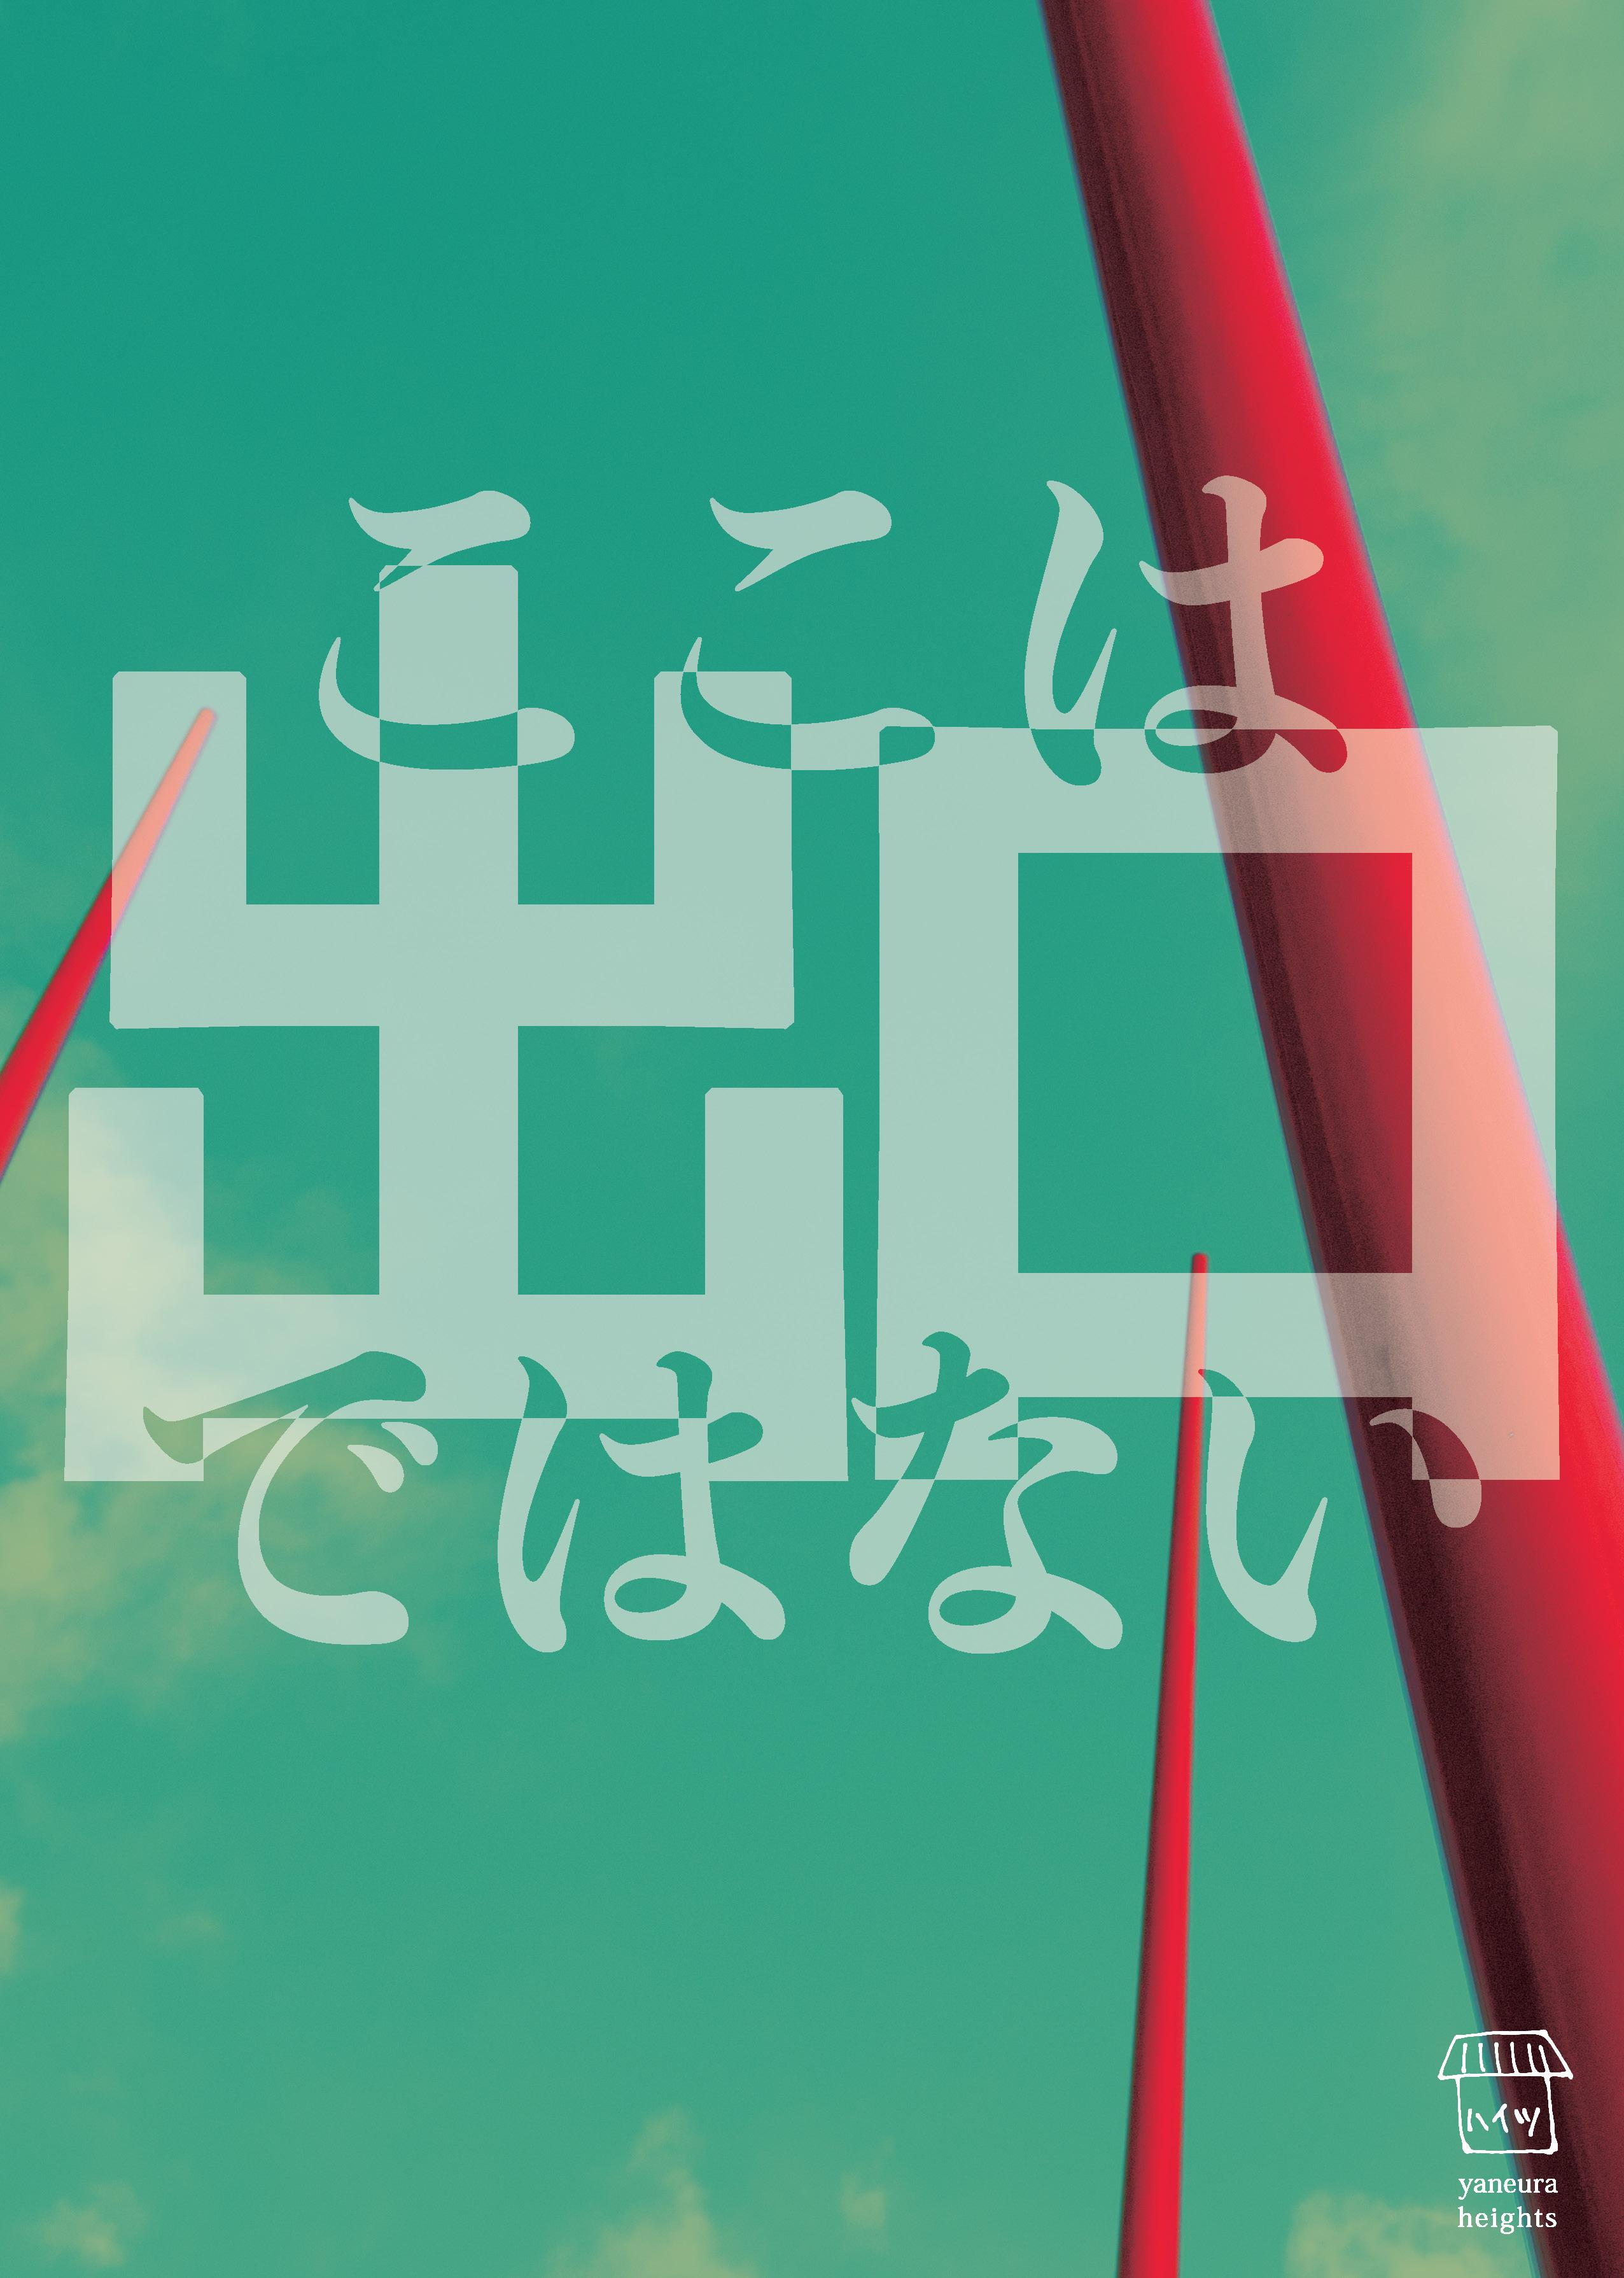 屋根裏ハイツ5F 『ここは出口ではない』仙台公演 12/15s